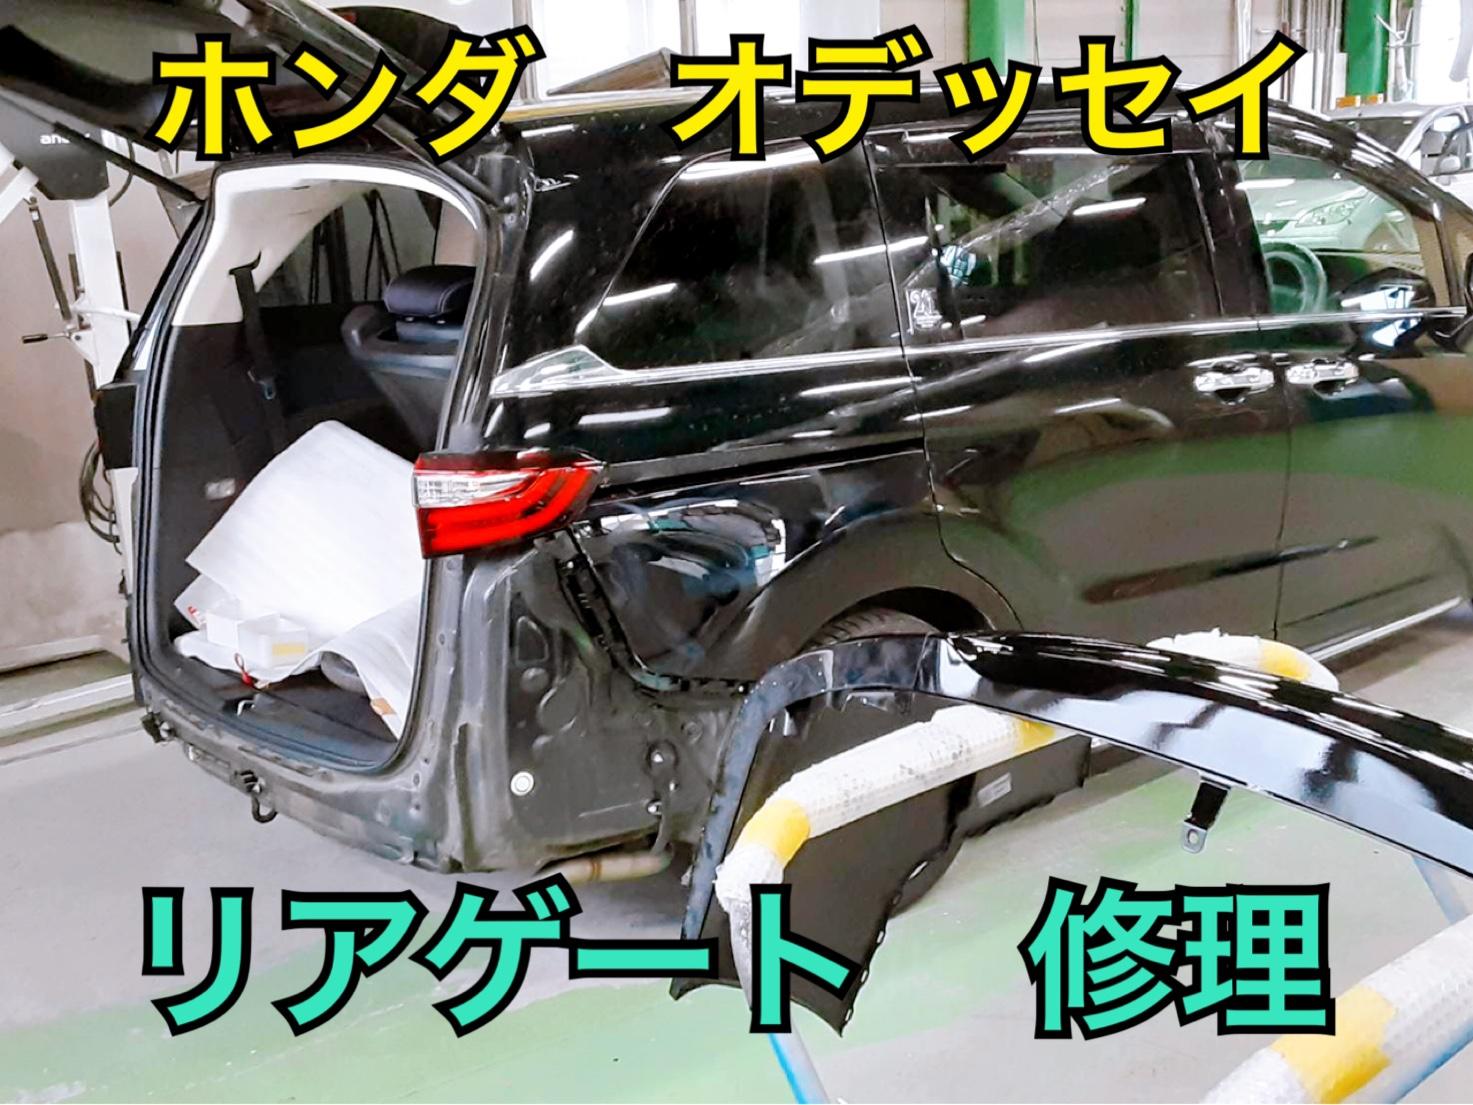 岡山でオデッセイのリアゲート修理はコバックにお任せ!!